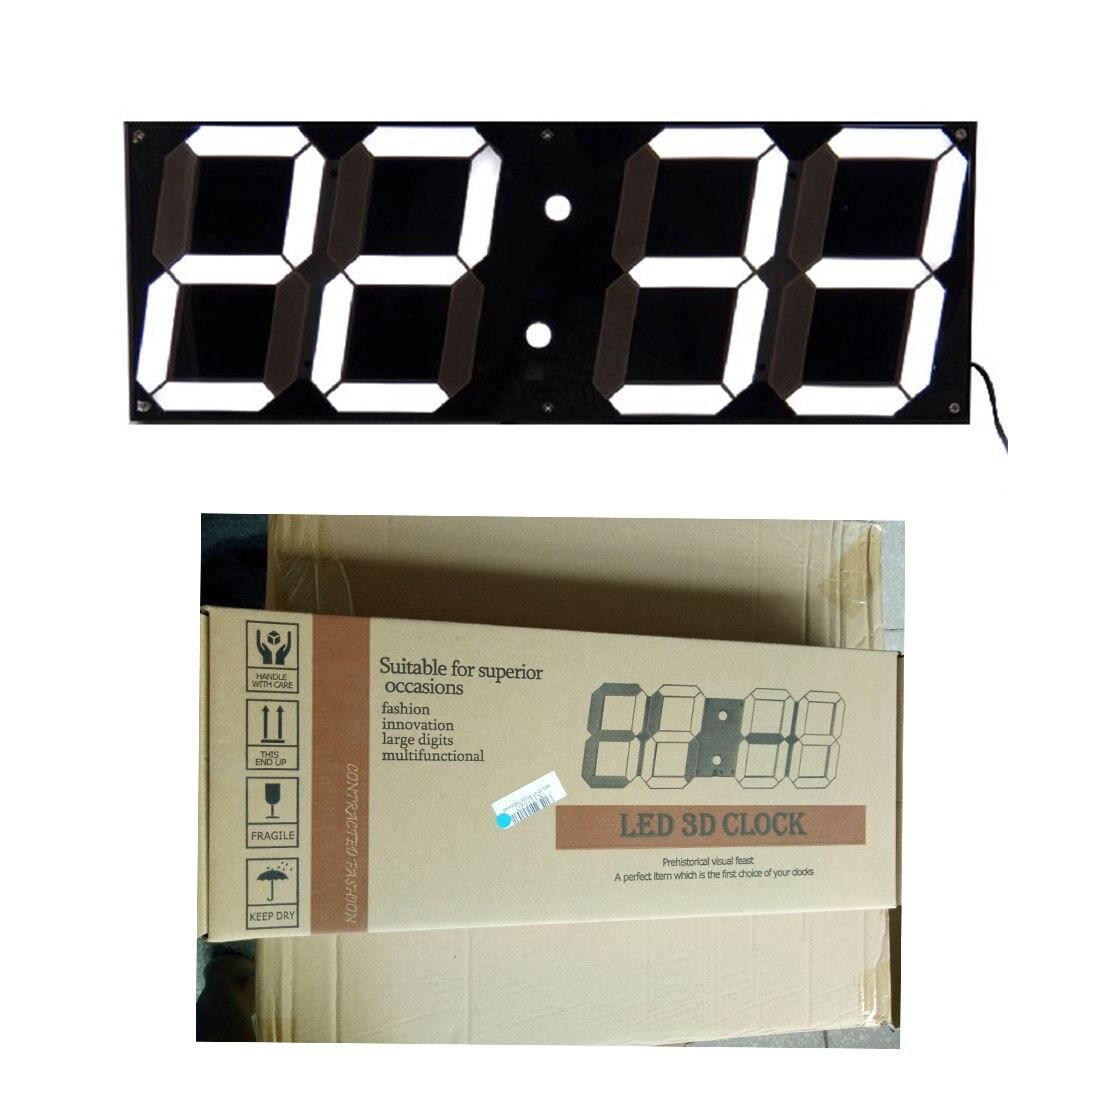 1 Pc 3D LED numérique horloges murales 24 heures affichage luminosité Dimmable veilleuse Snooze fonction pour maison cuisine bureau